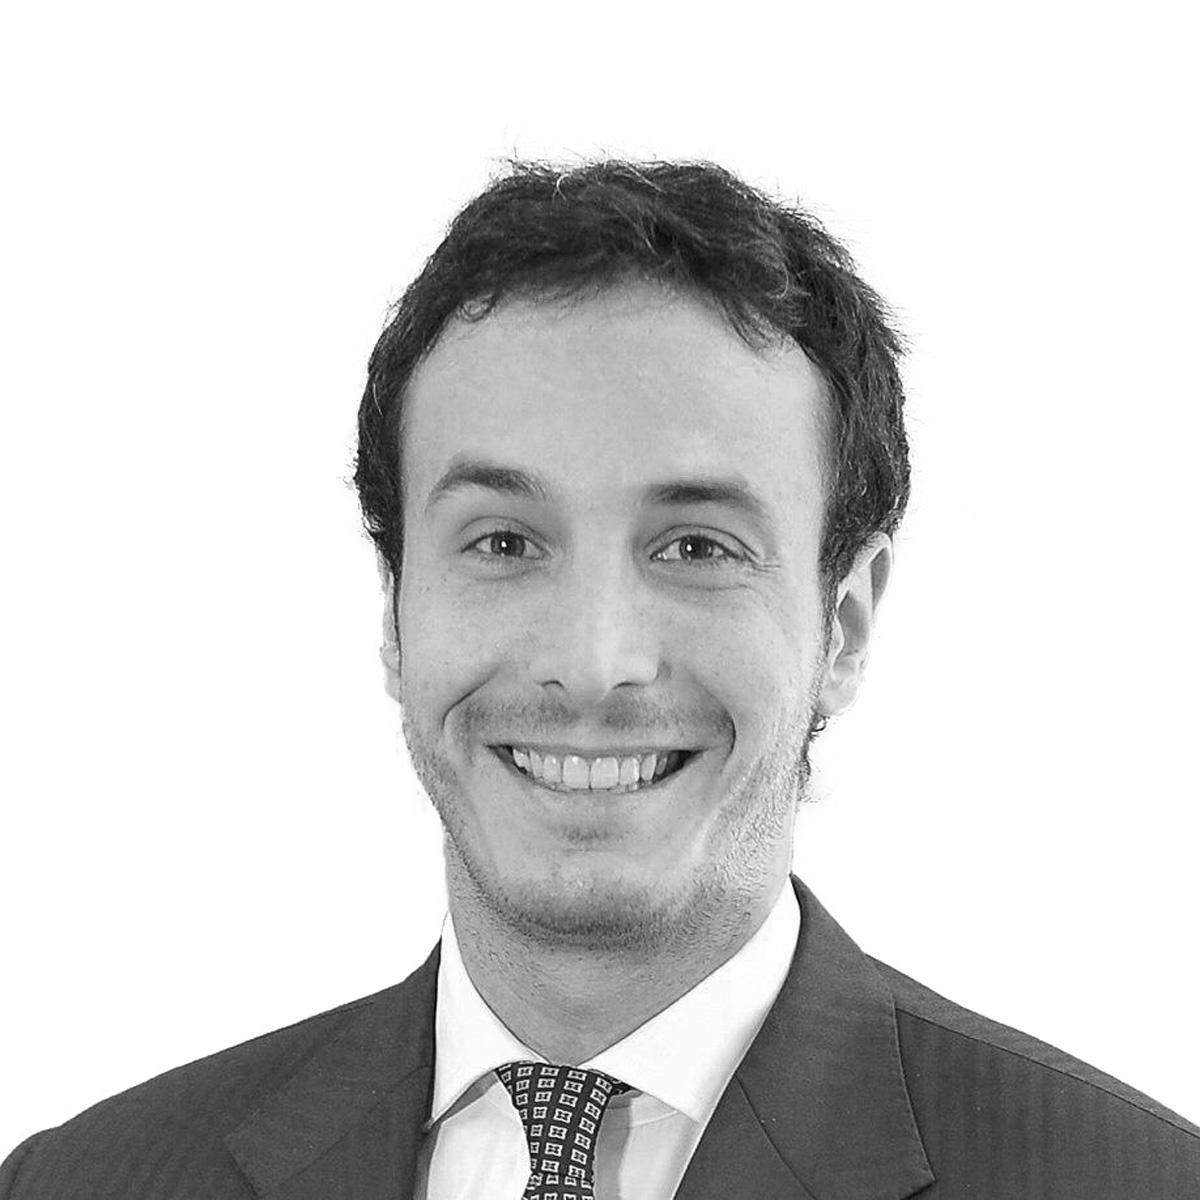 Alessandro Palombo JUR CEO & Cofounder